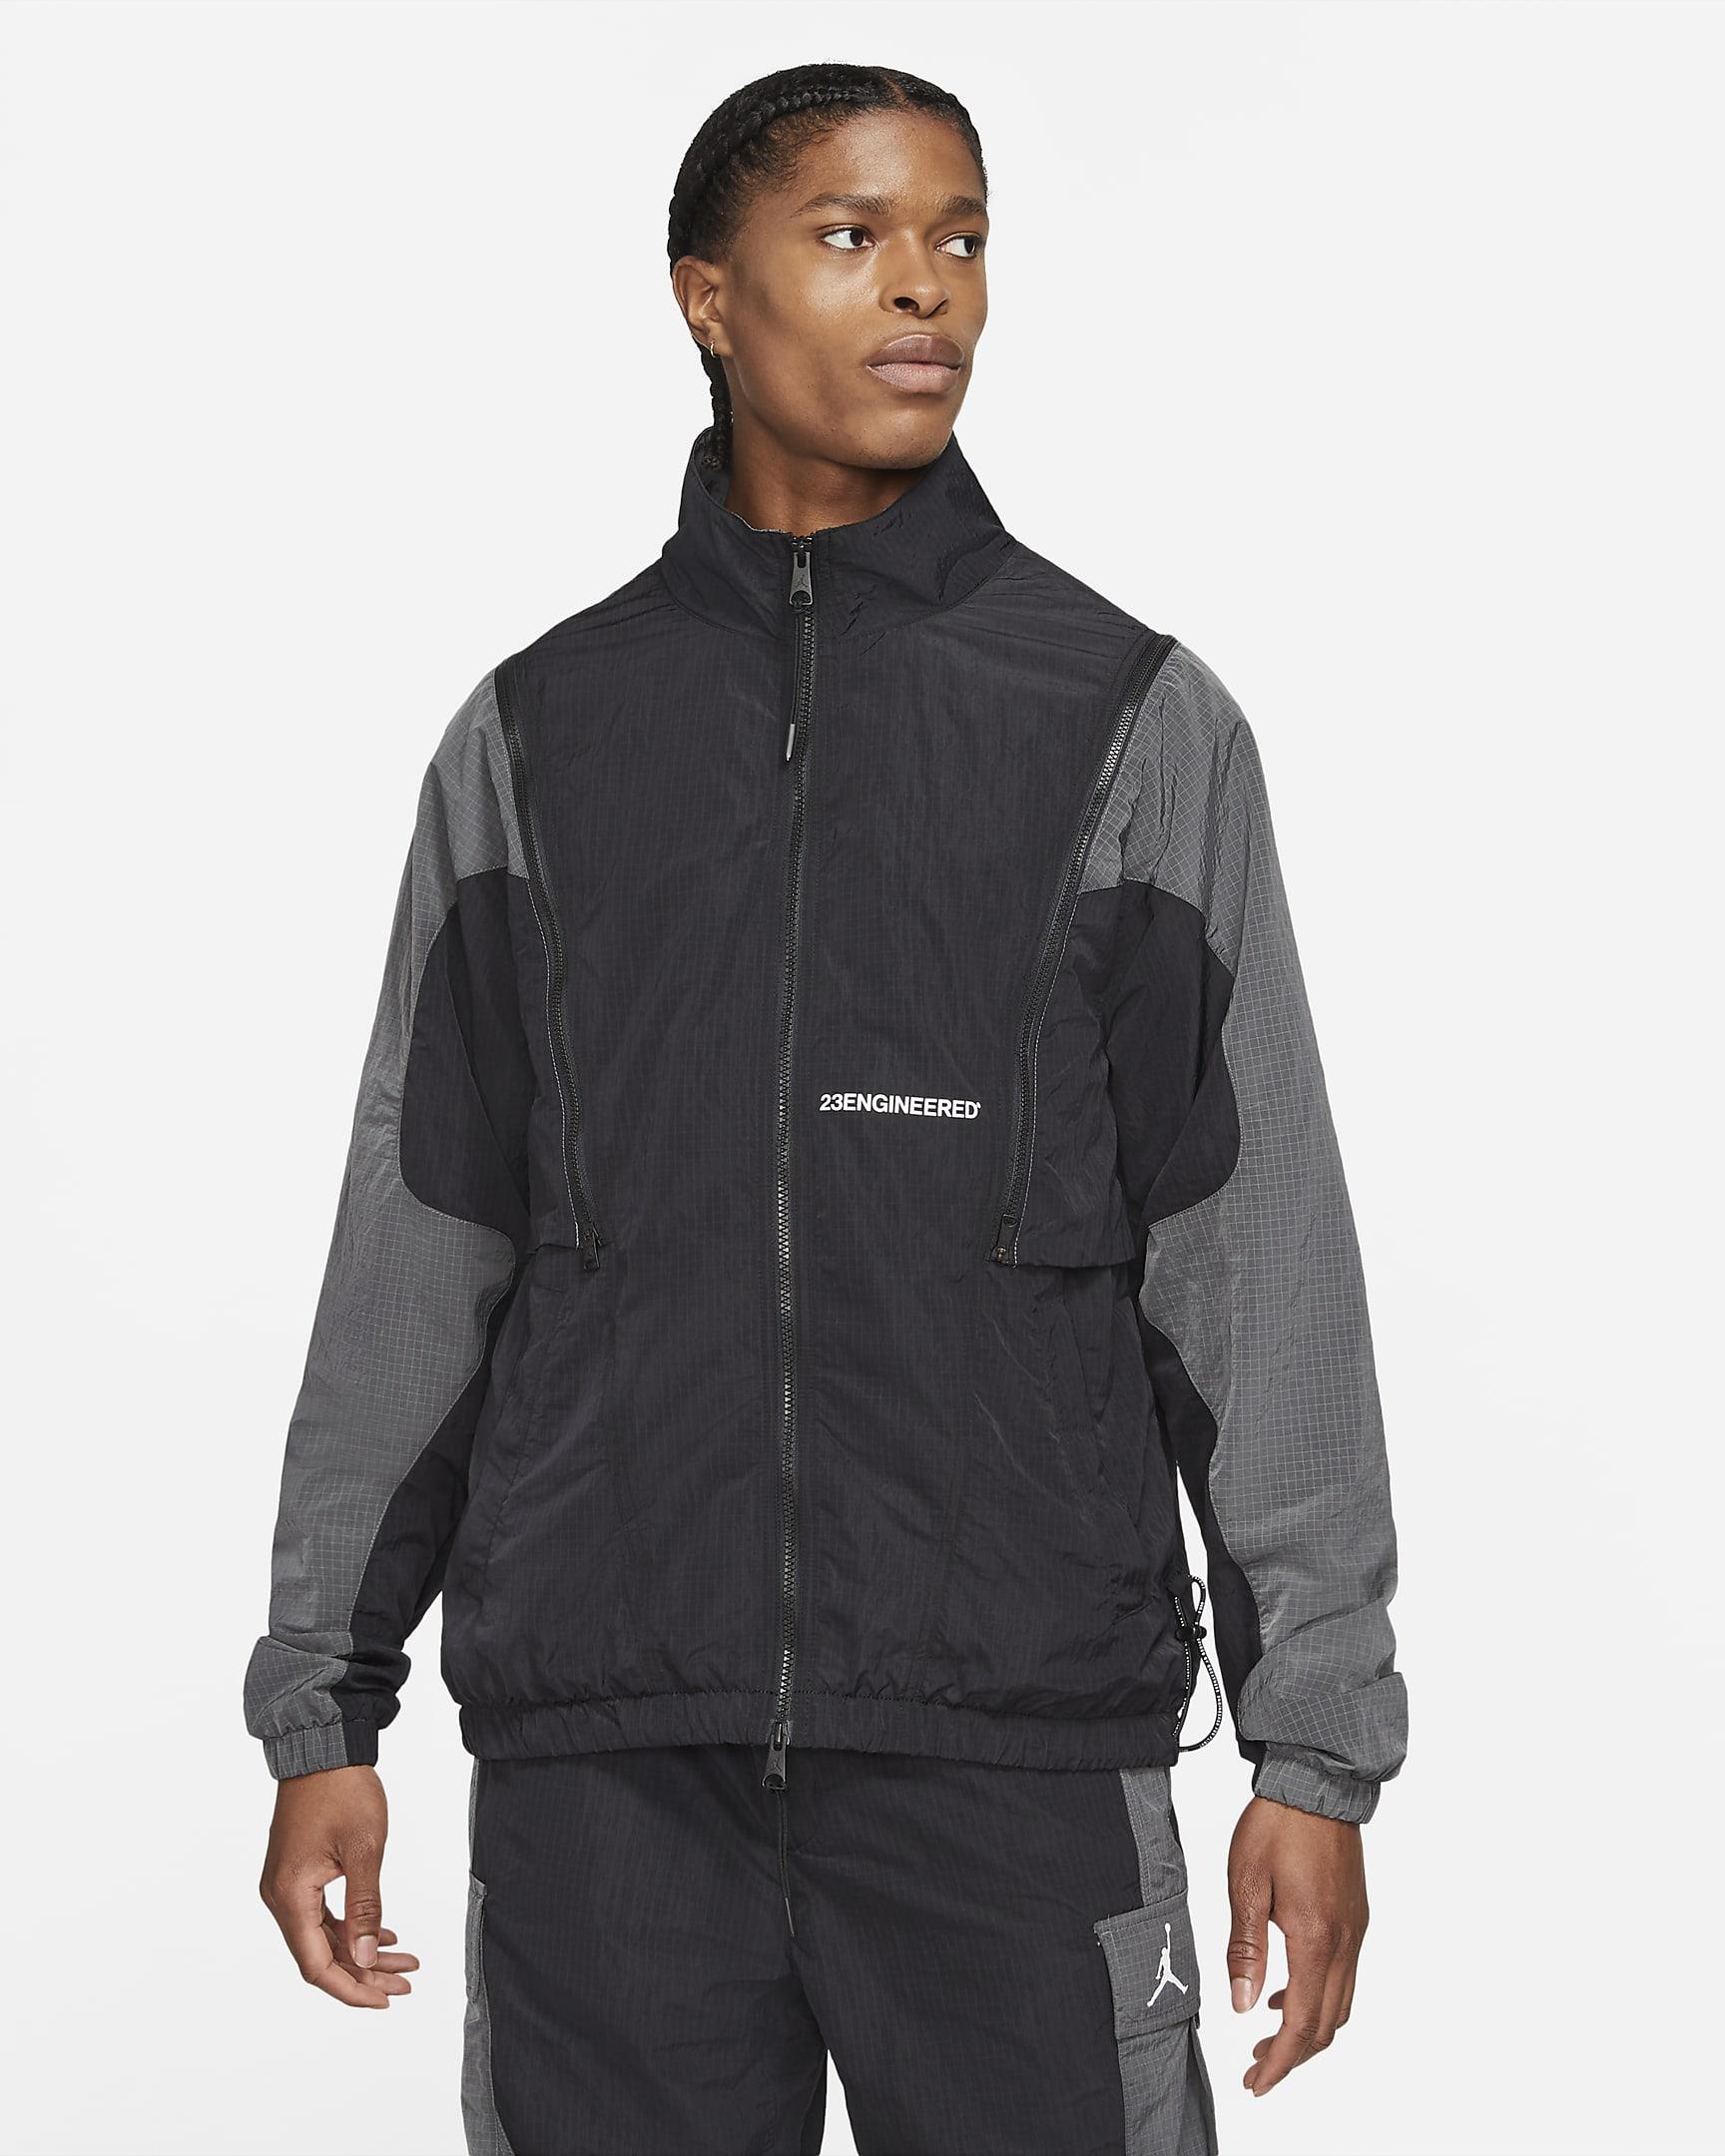 jordan-23-engineered-mens-woven-jacket-SFDMk2-8.png